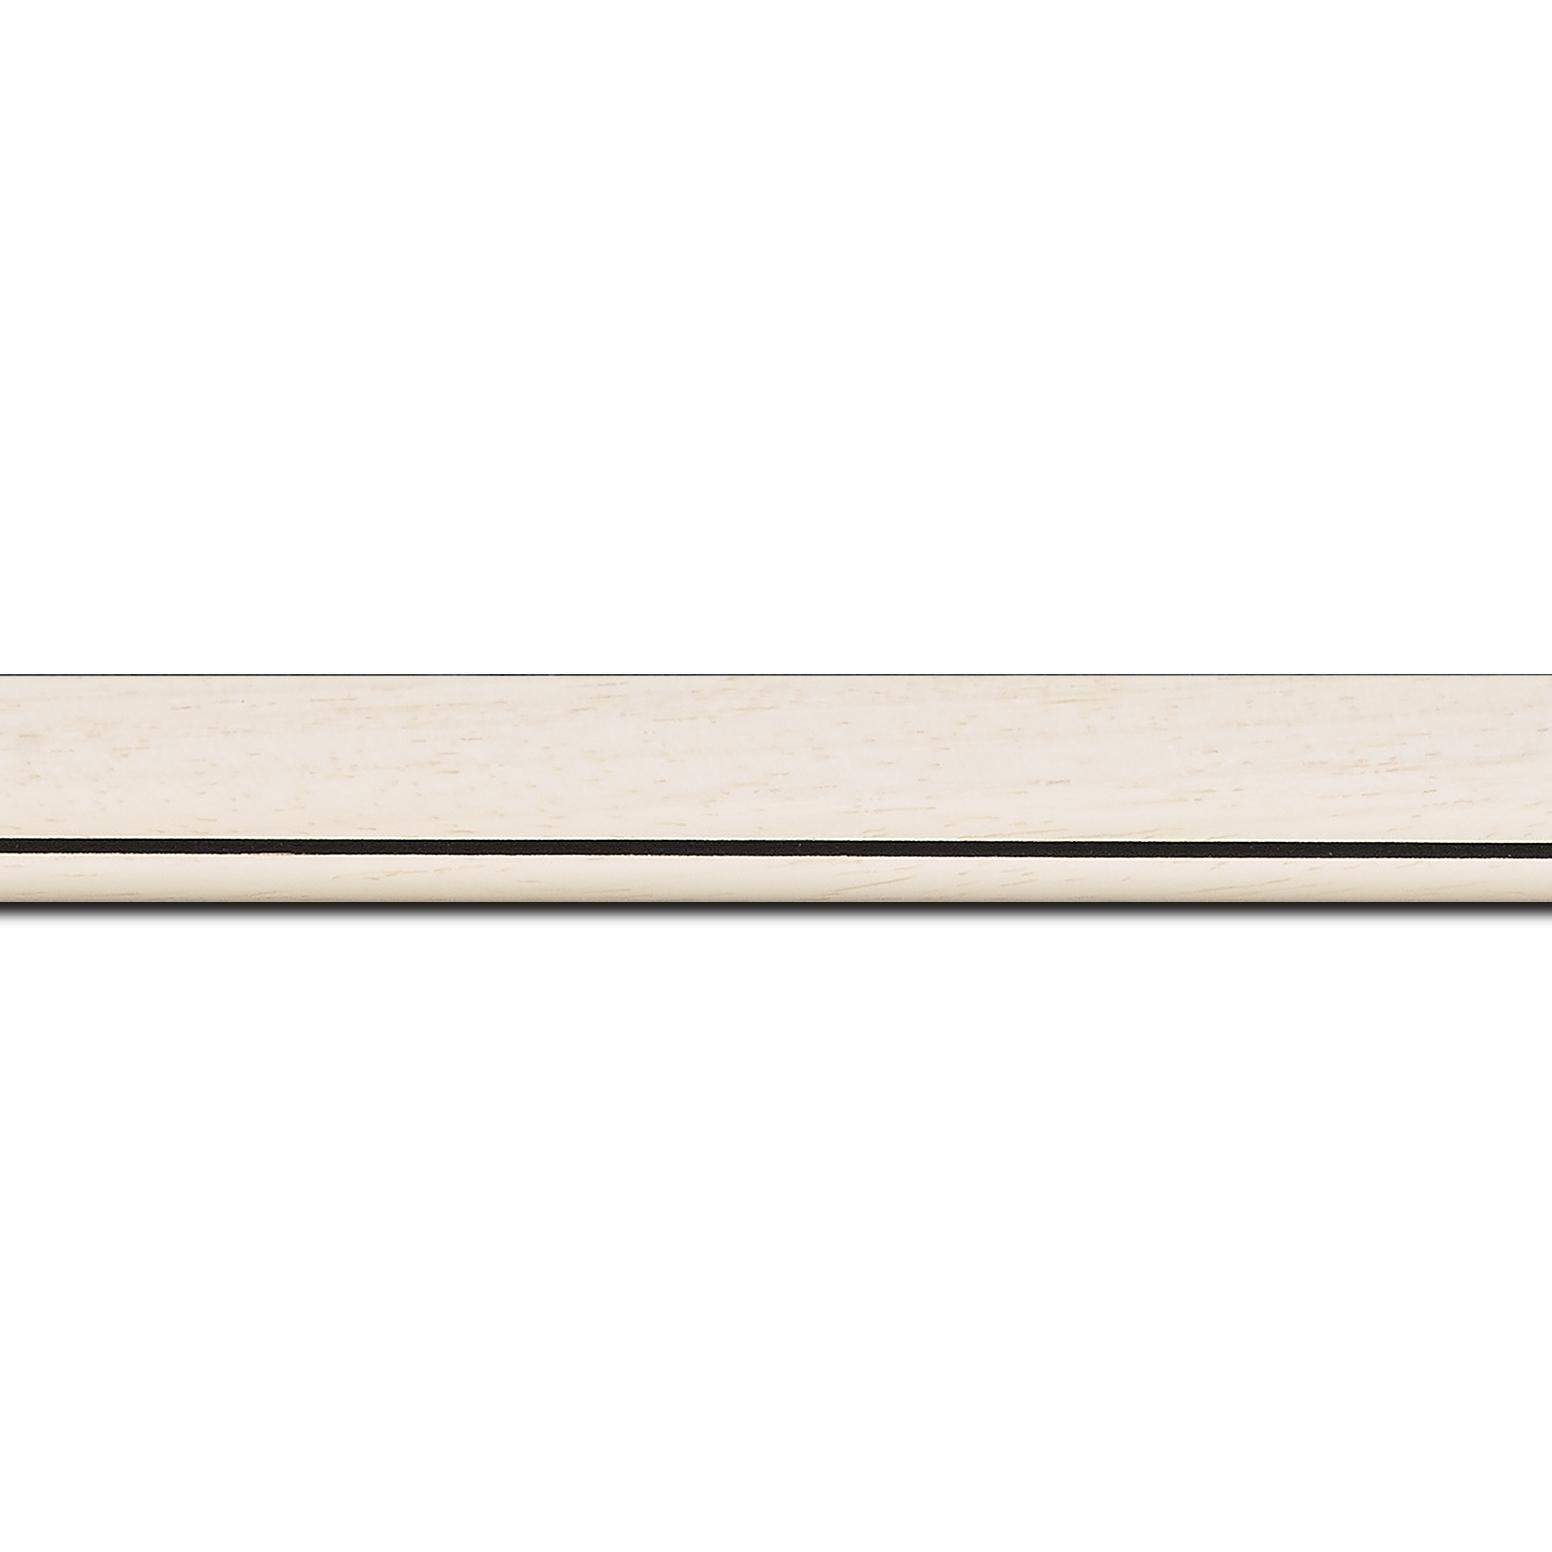 Pack par 12m, bois profil bombé largeur 2.4cm couleur crème satiné filet noir (longueur baguette pouvant varier entre 2.40m et 3m selon arrivage des bois)